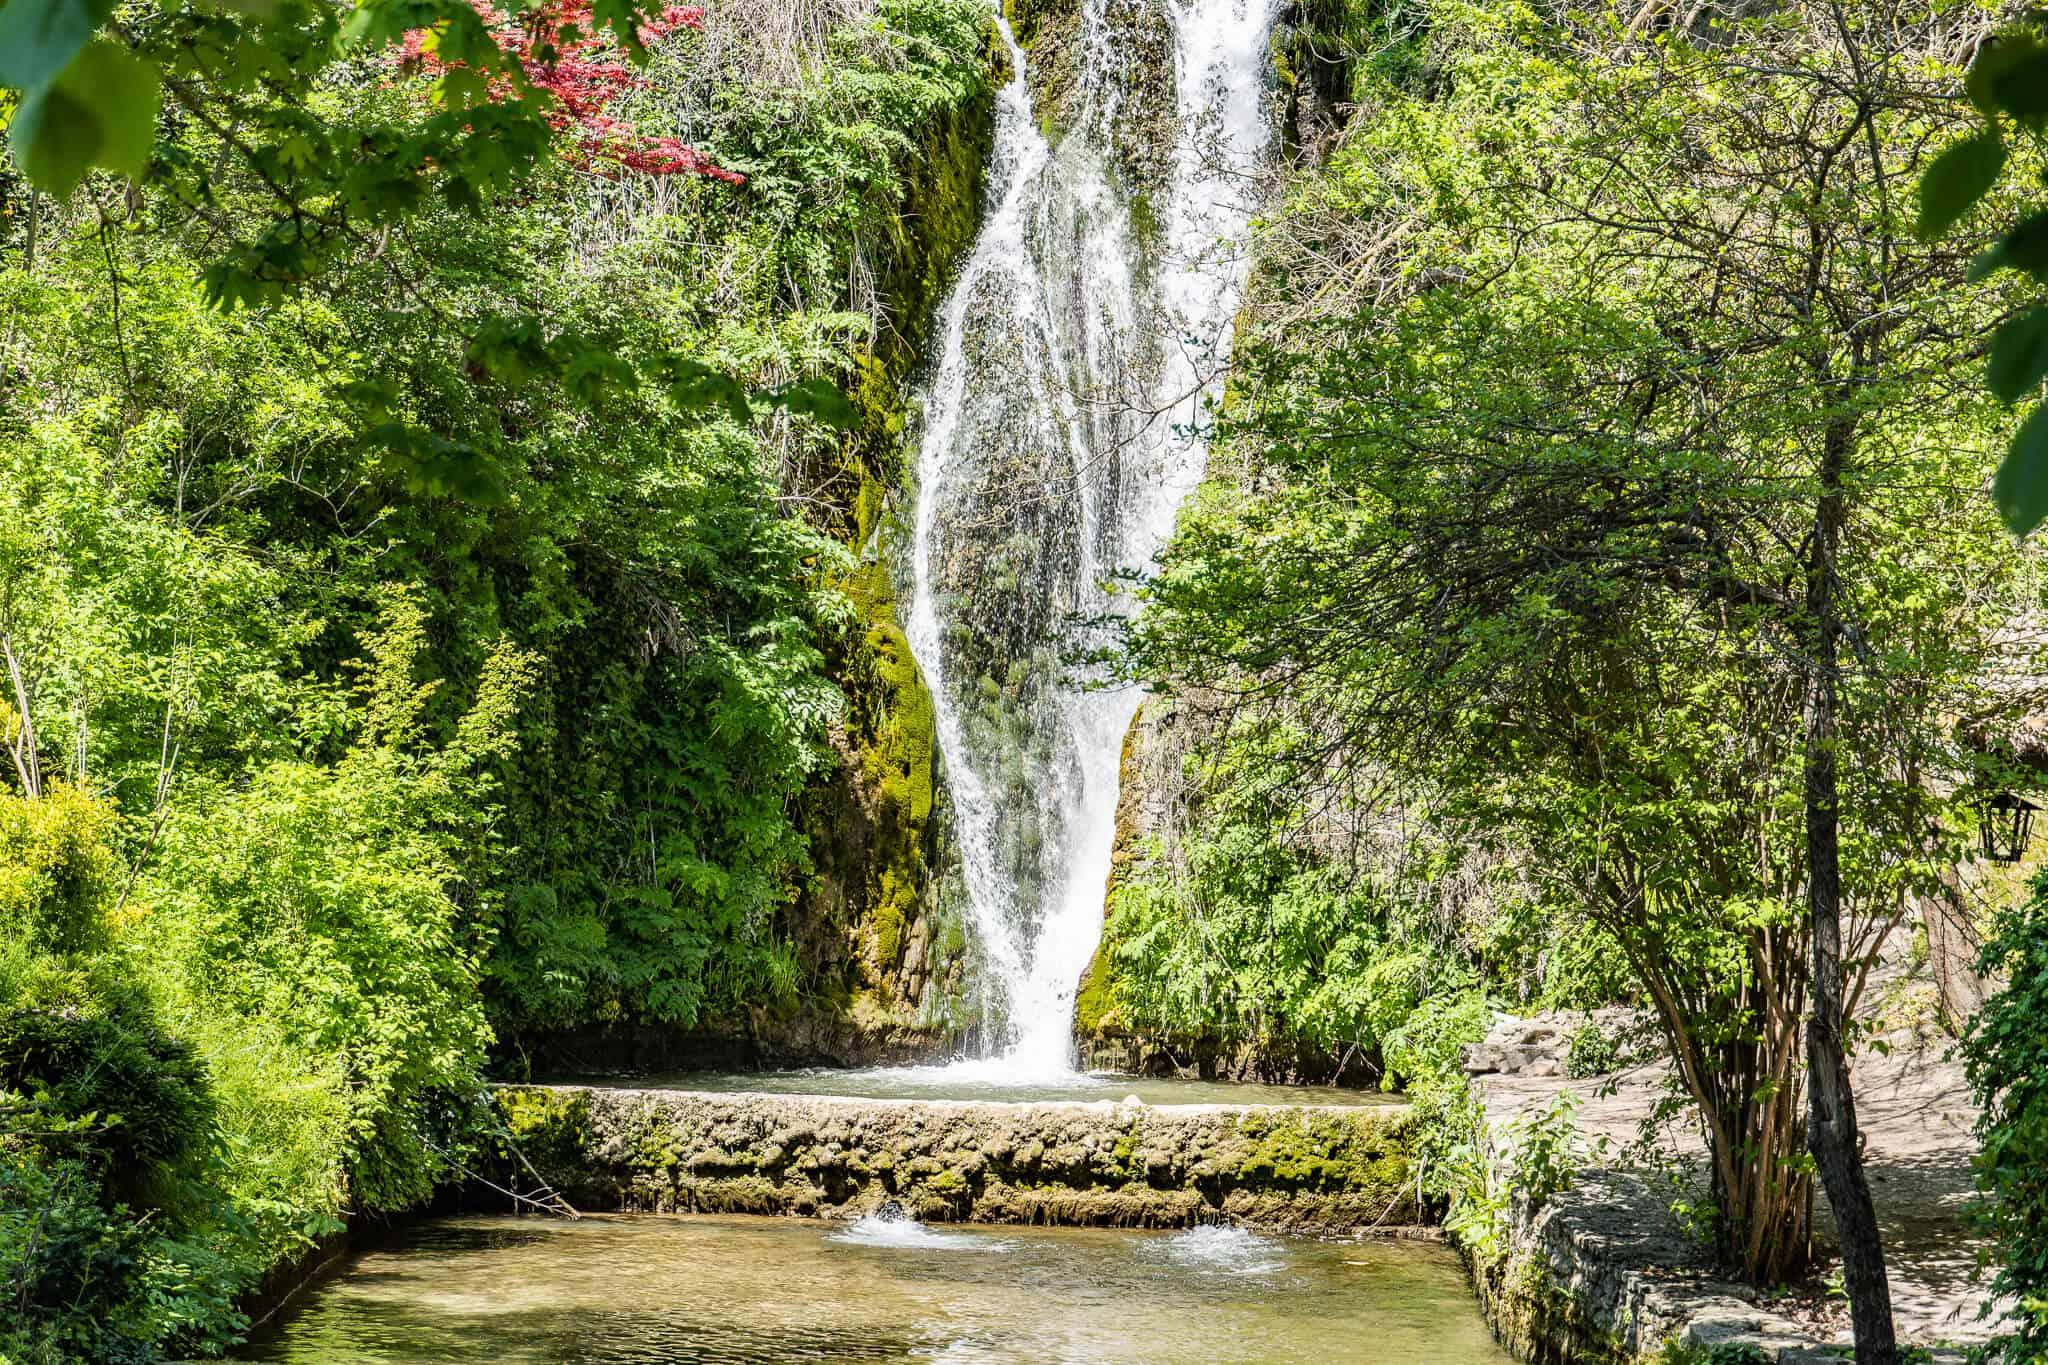 Wasserfall im botanischen Garten Balchik